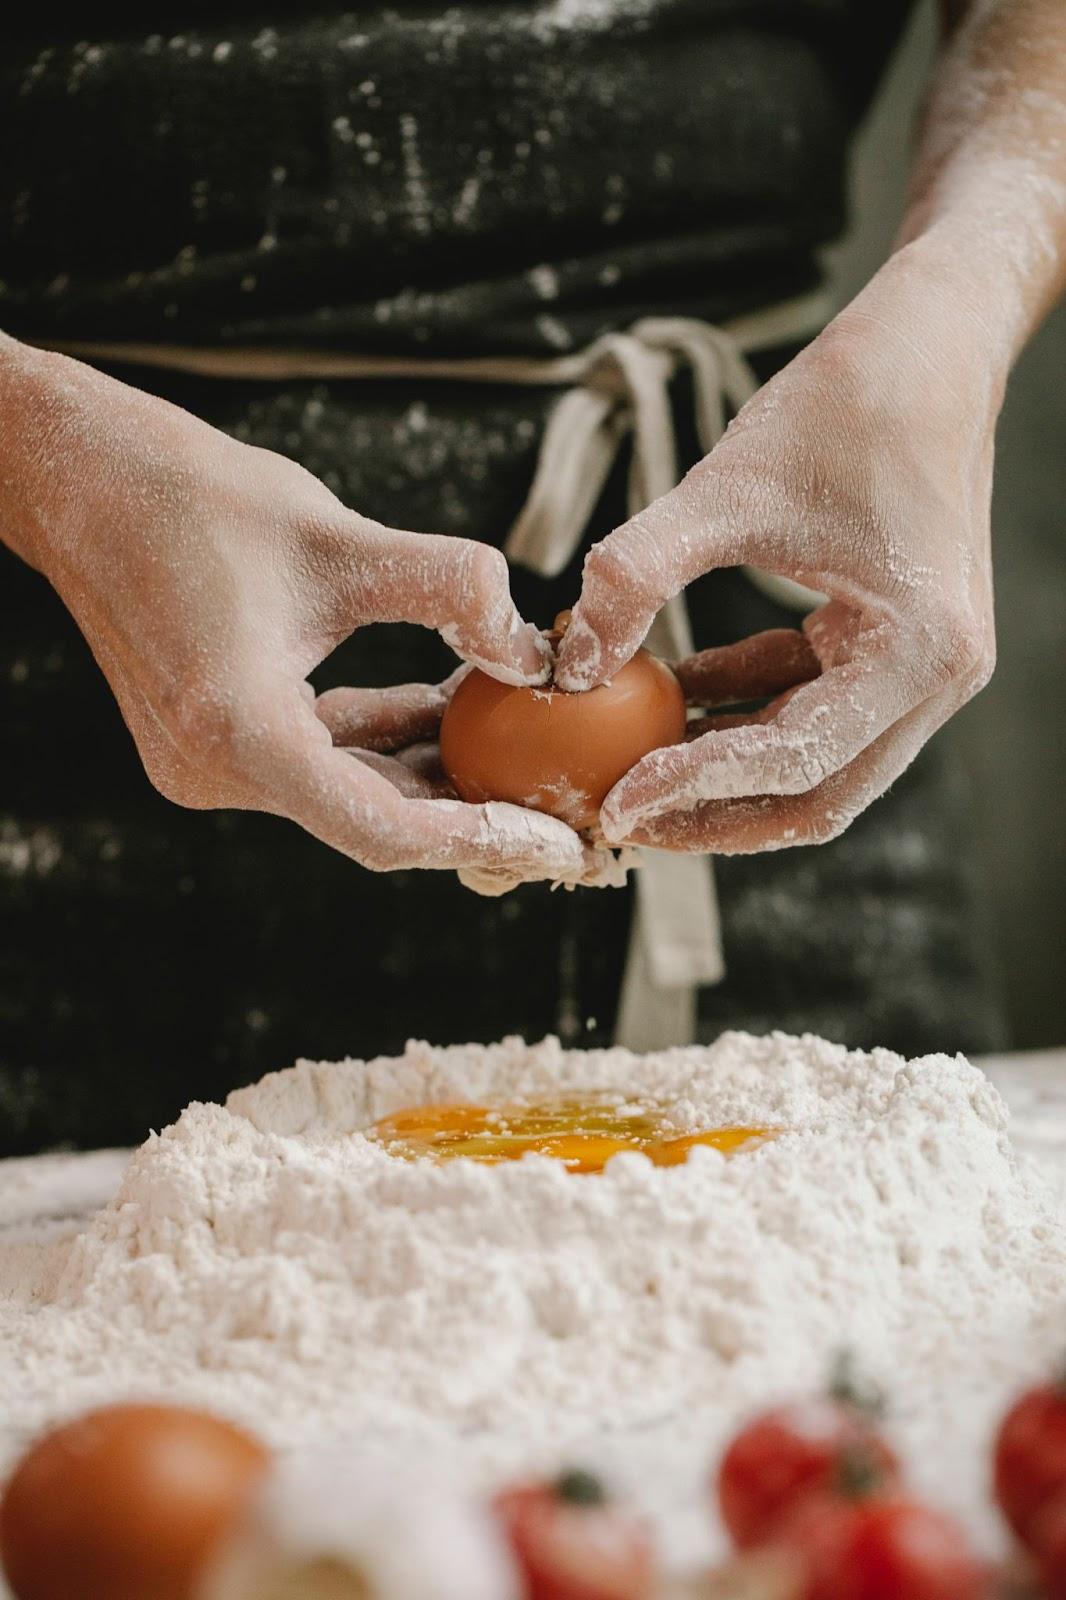 raw egg being mixed into flour - accordingtojo.com